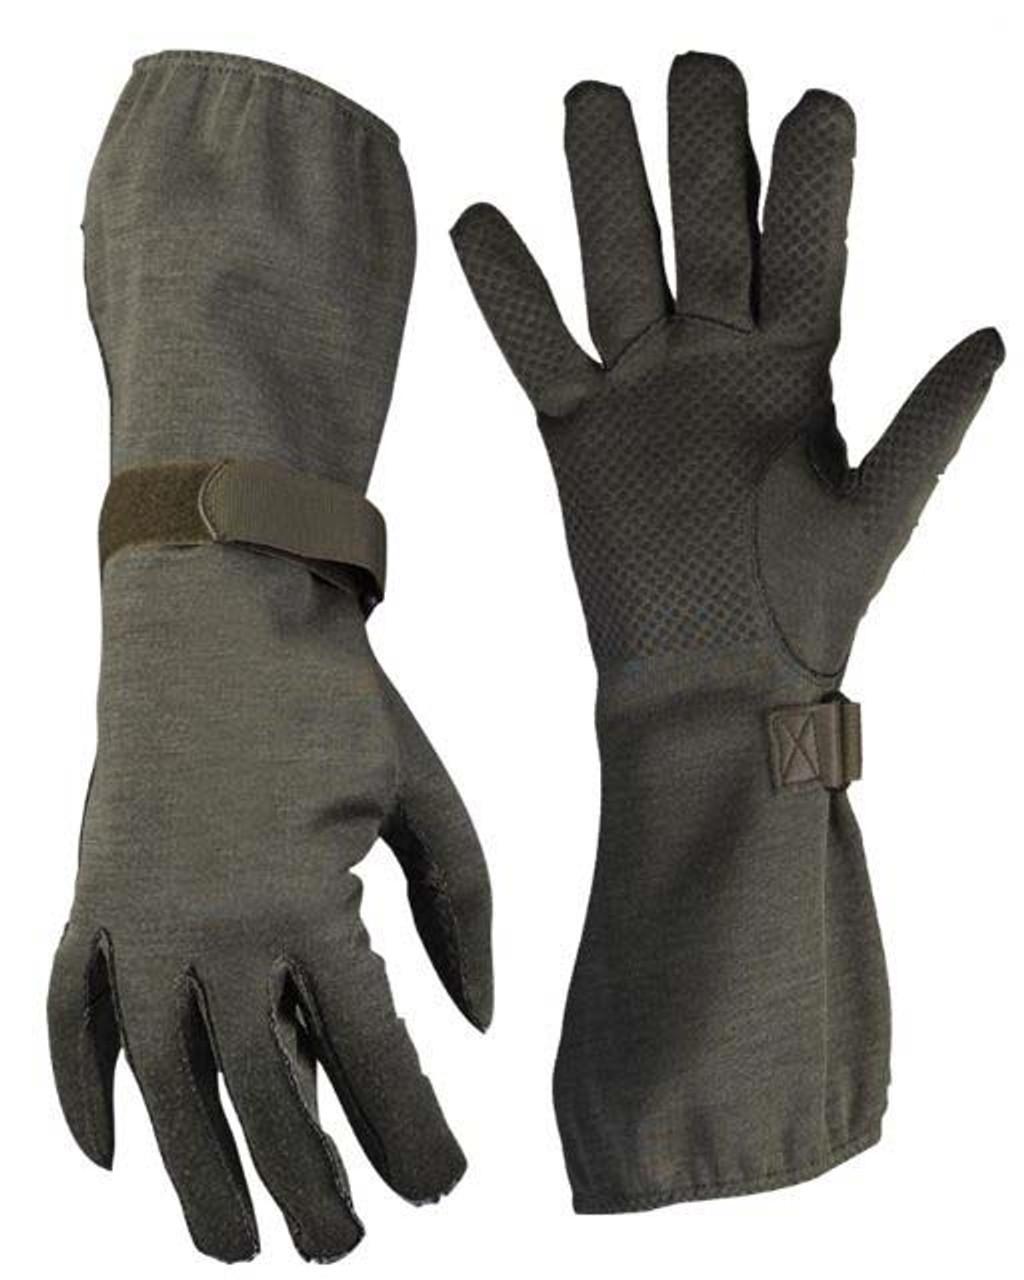 Bundeswehr OD NOMEX Flight Gloves from Hessen Antique